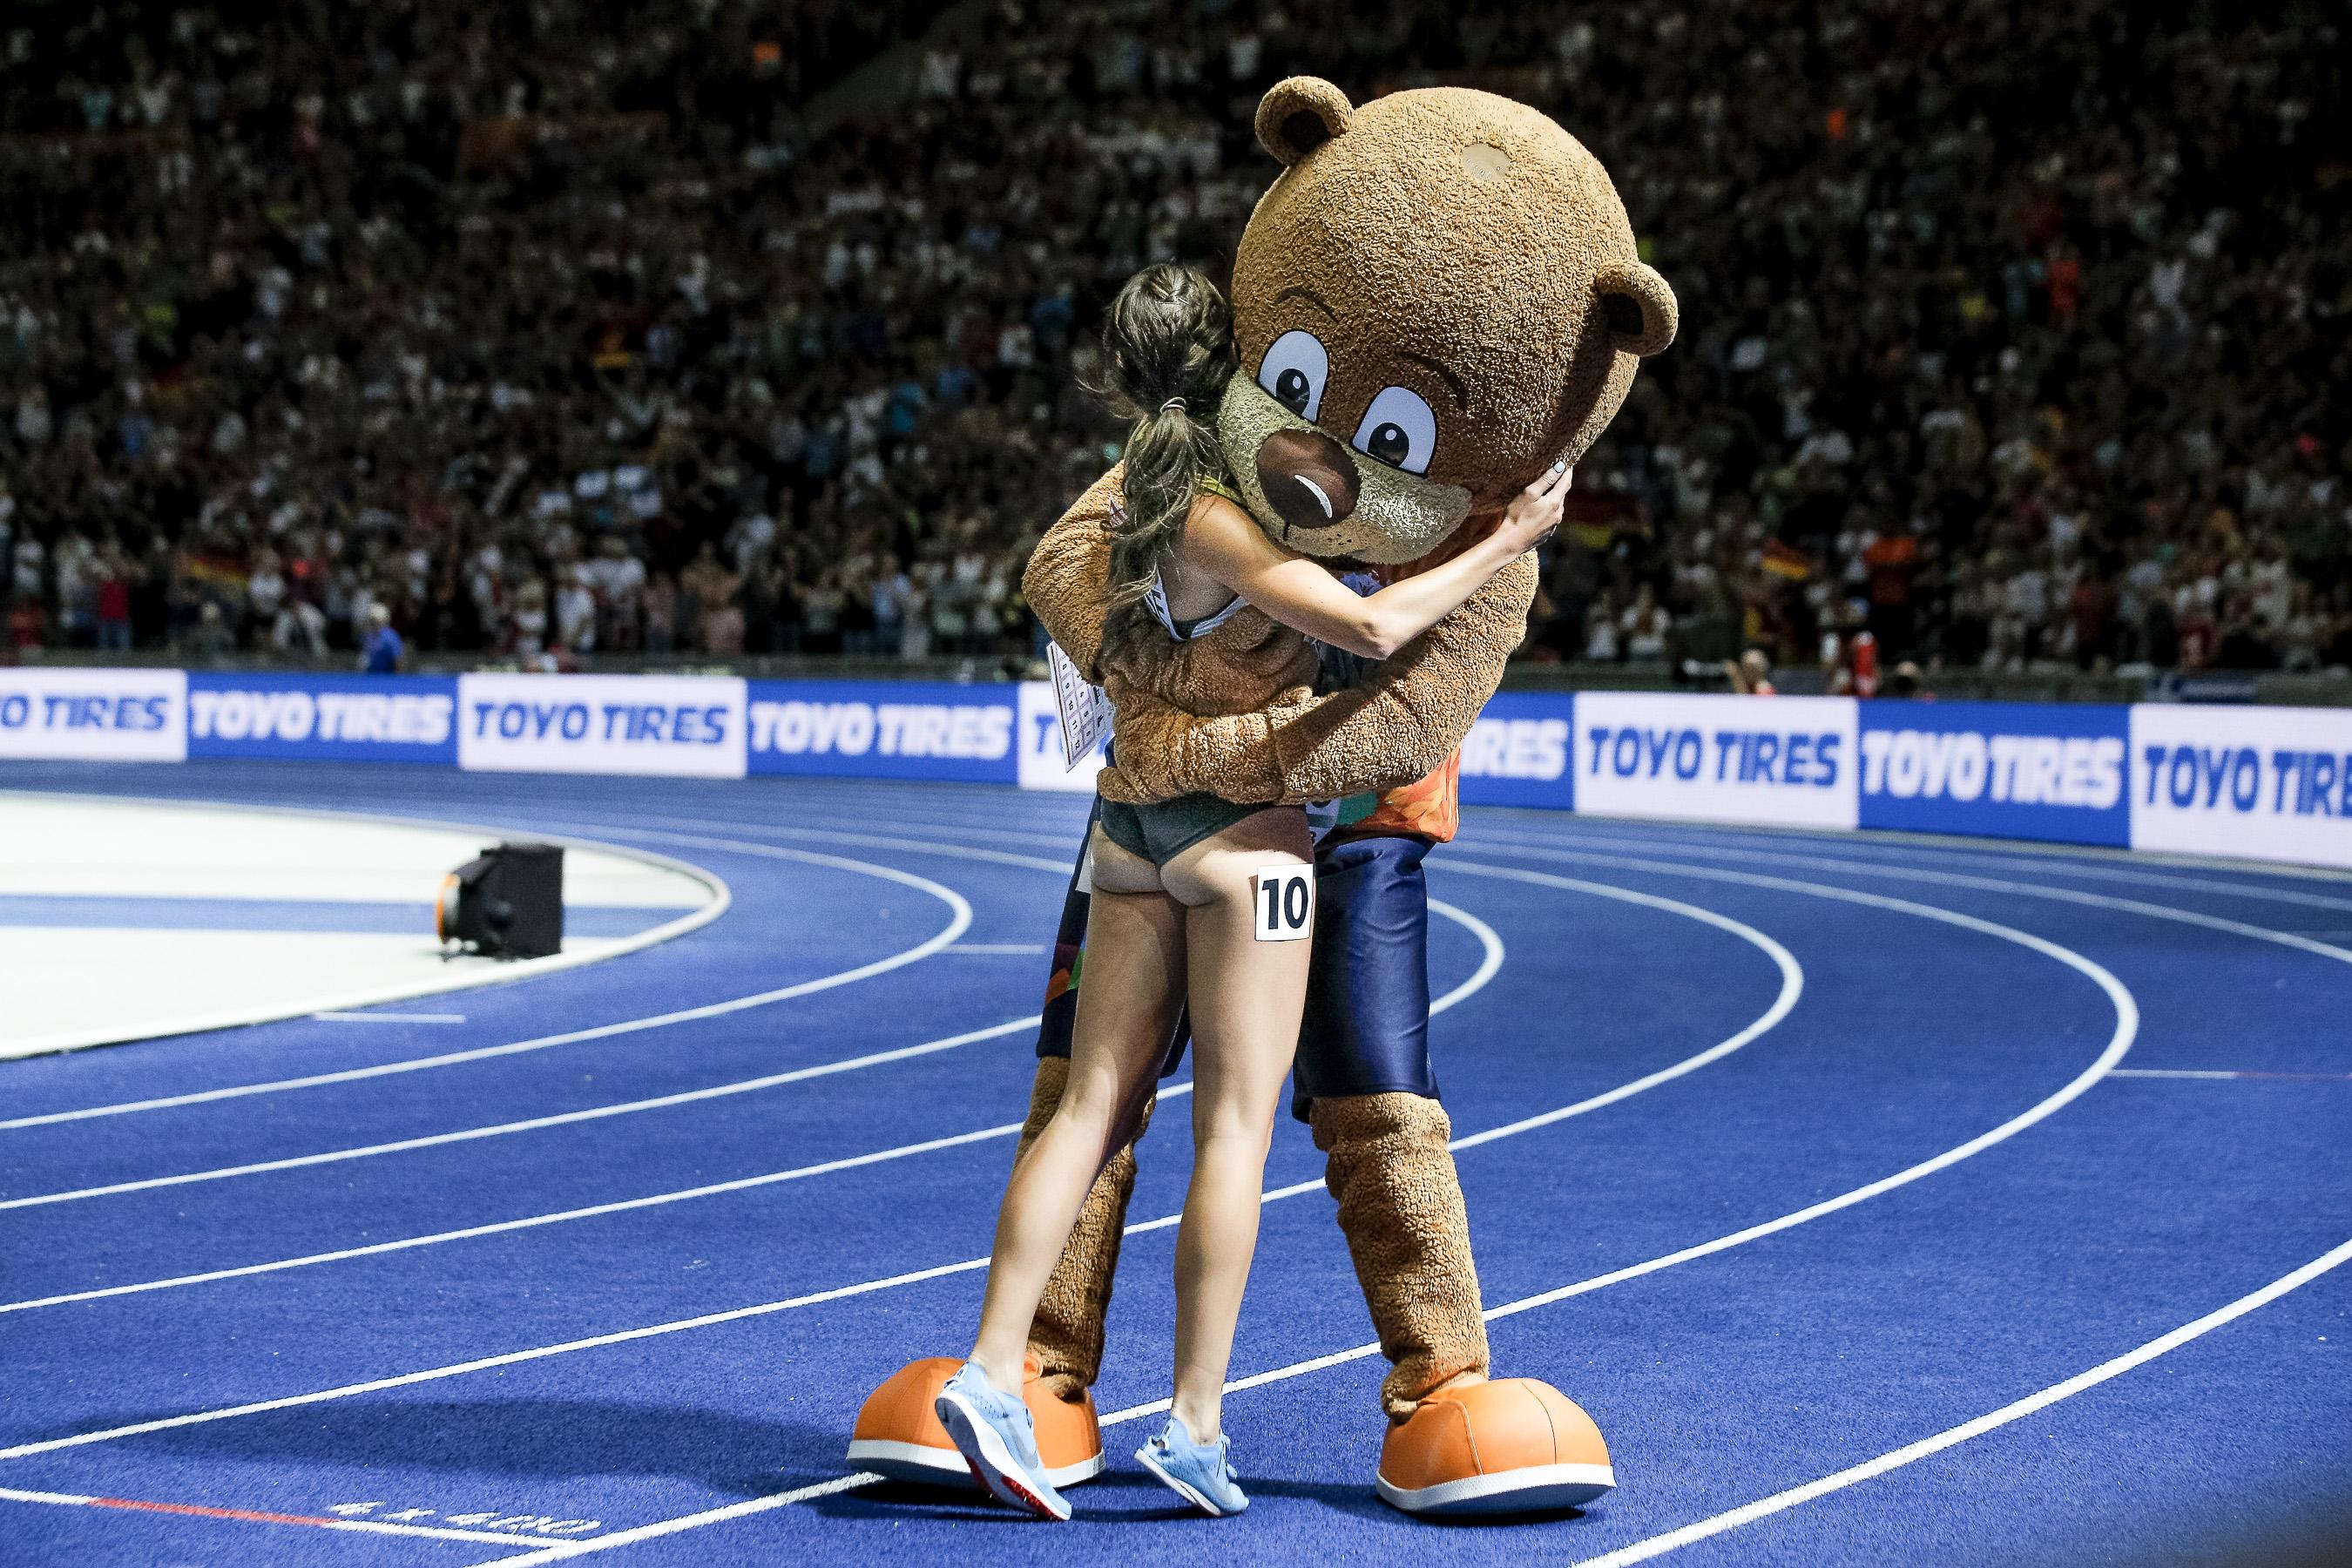 Gesa Krause (GER) gewinnt Gold im 3000m Hindernis.